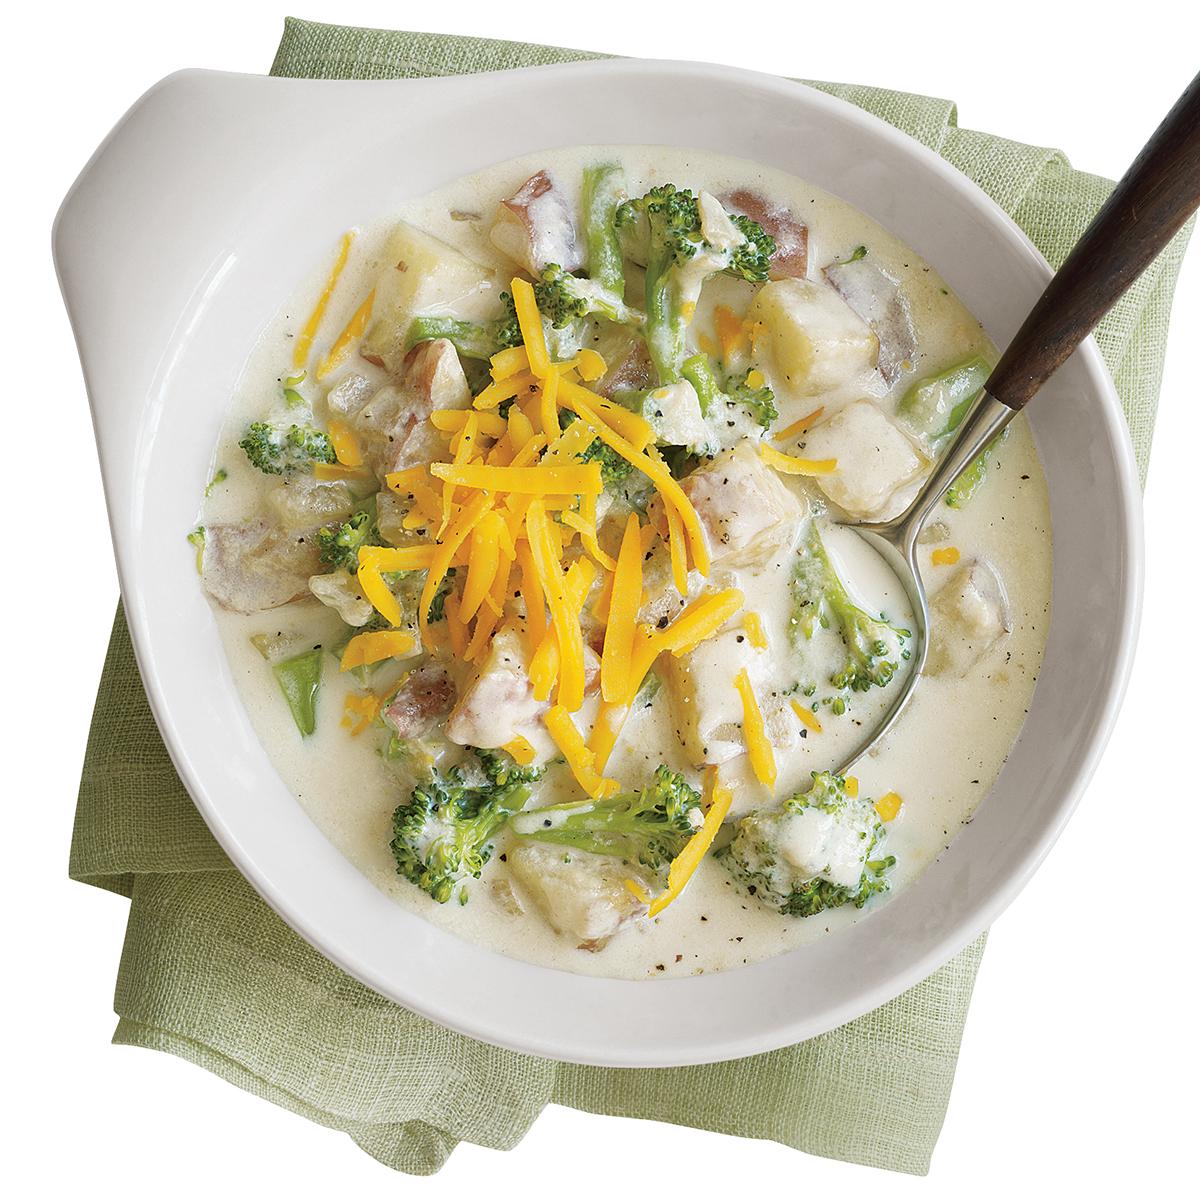 Cheesy Broccoli Potato Soup